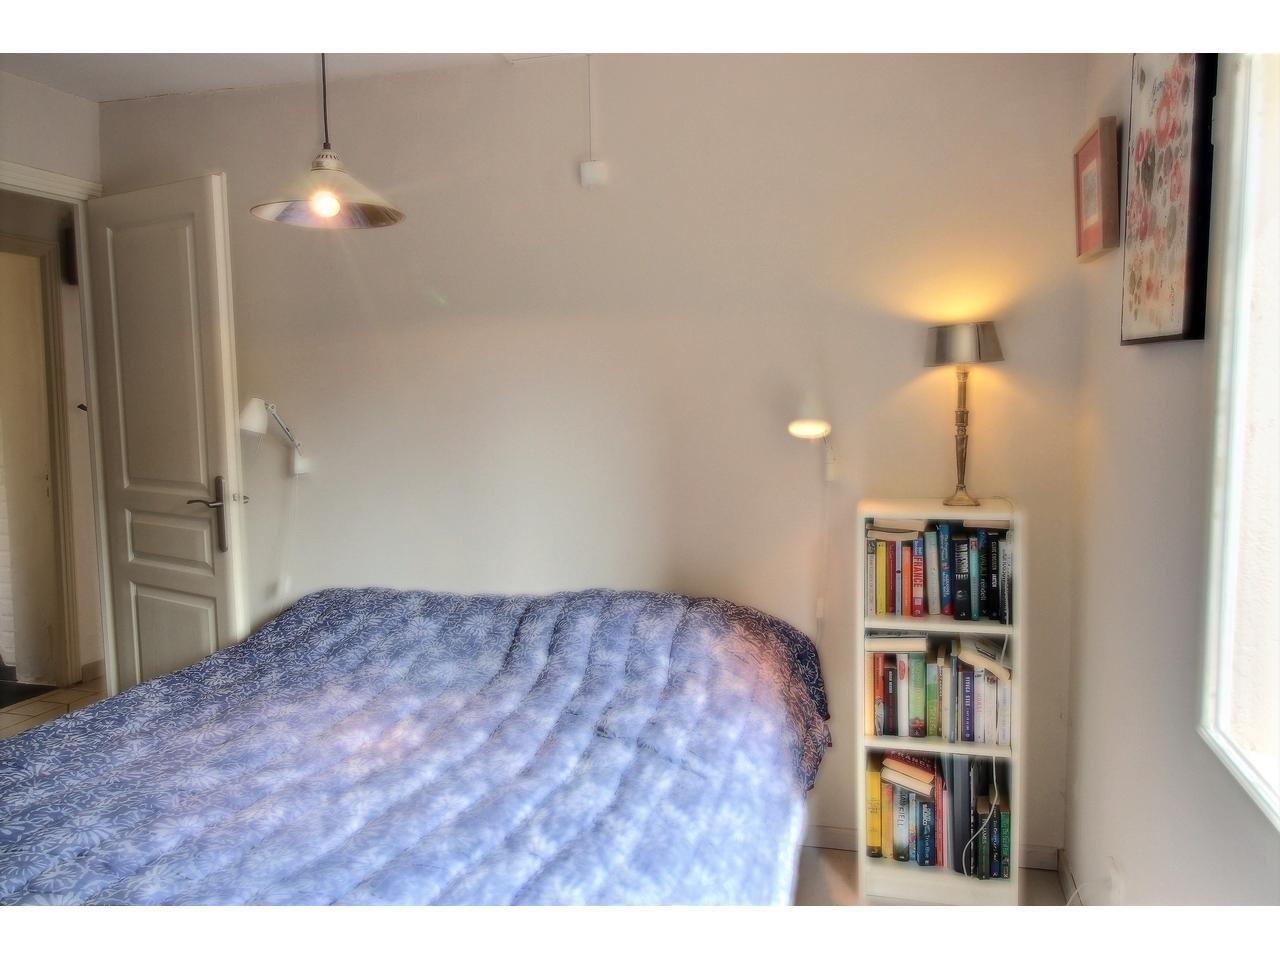 Maison  4 Rooms 96m2  for sale   650000 €